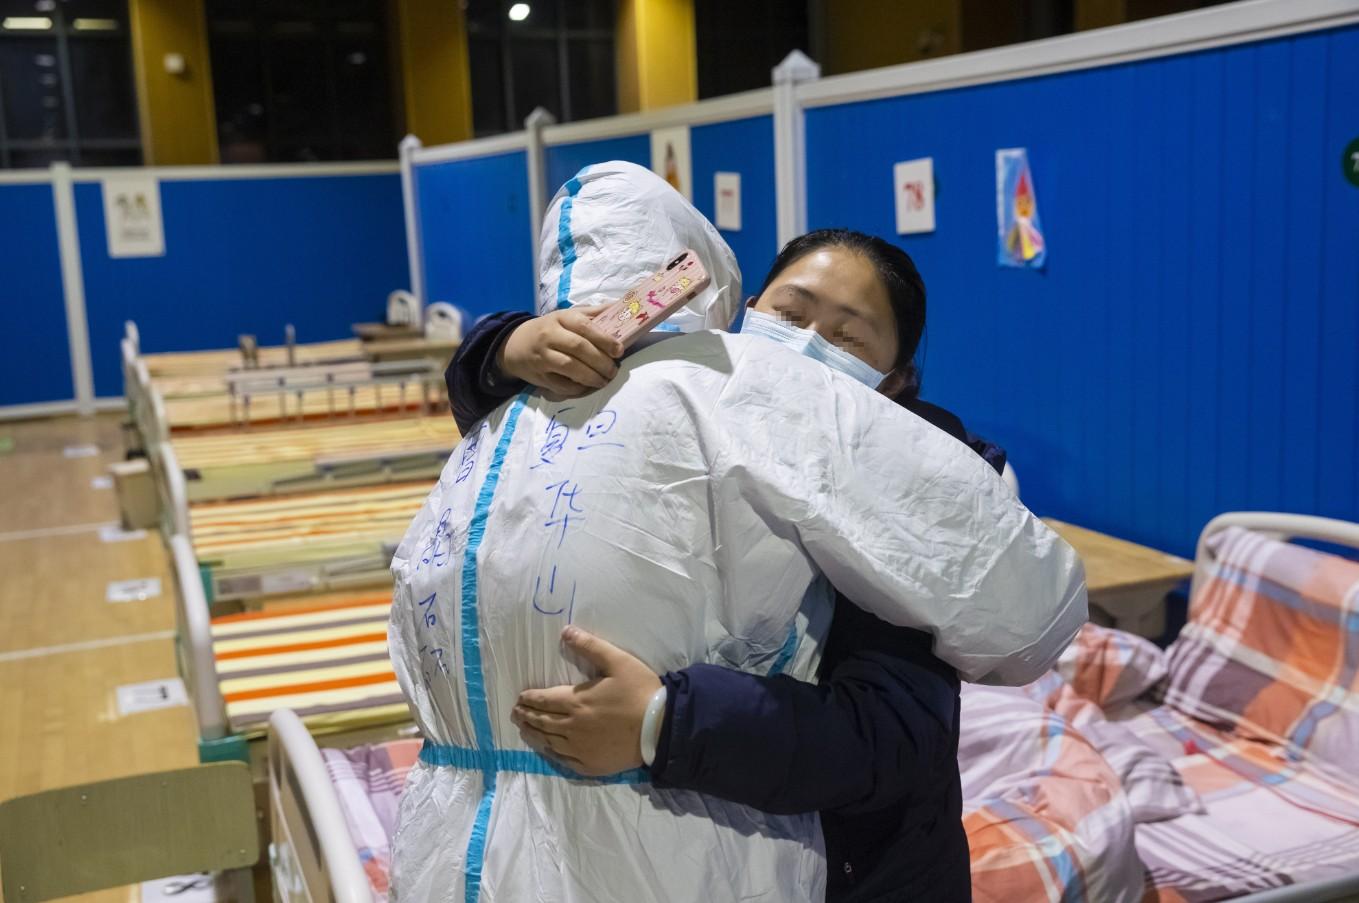 Dan de alta a 19 pacientes de COVID-19 en parte continental de China